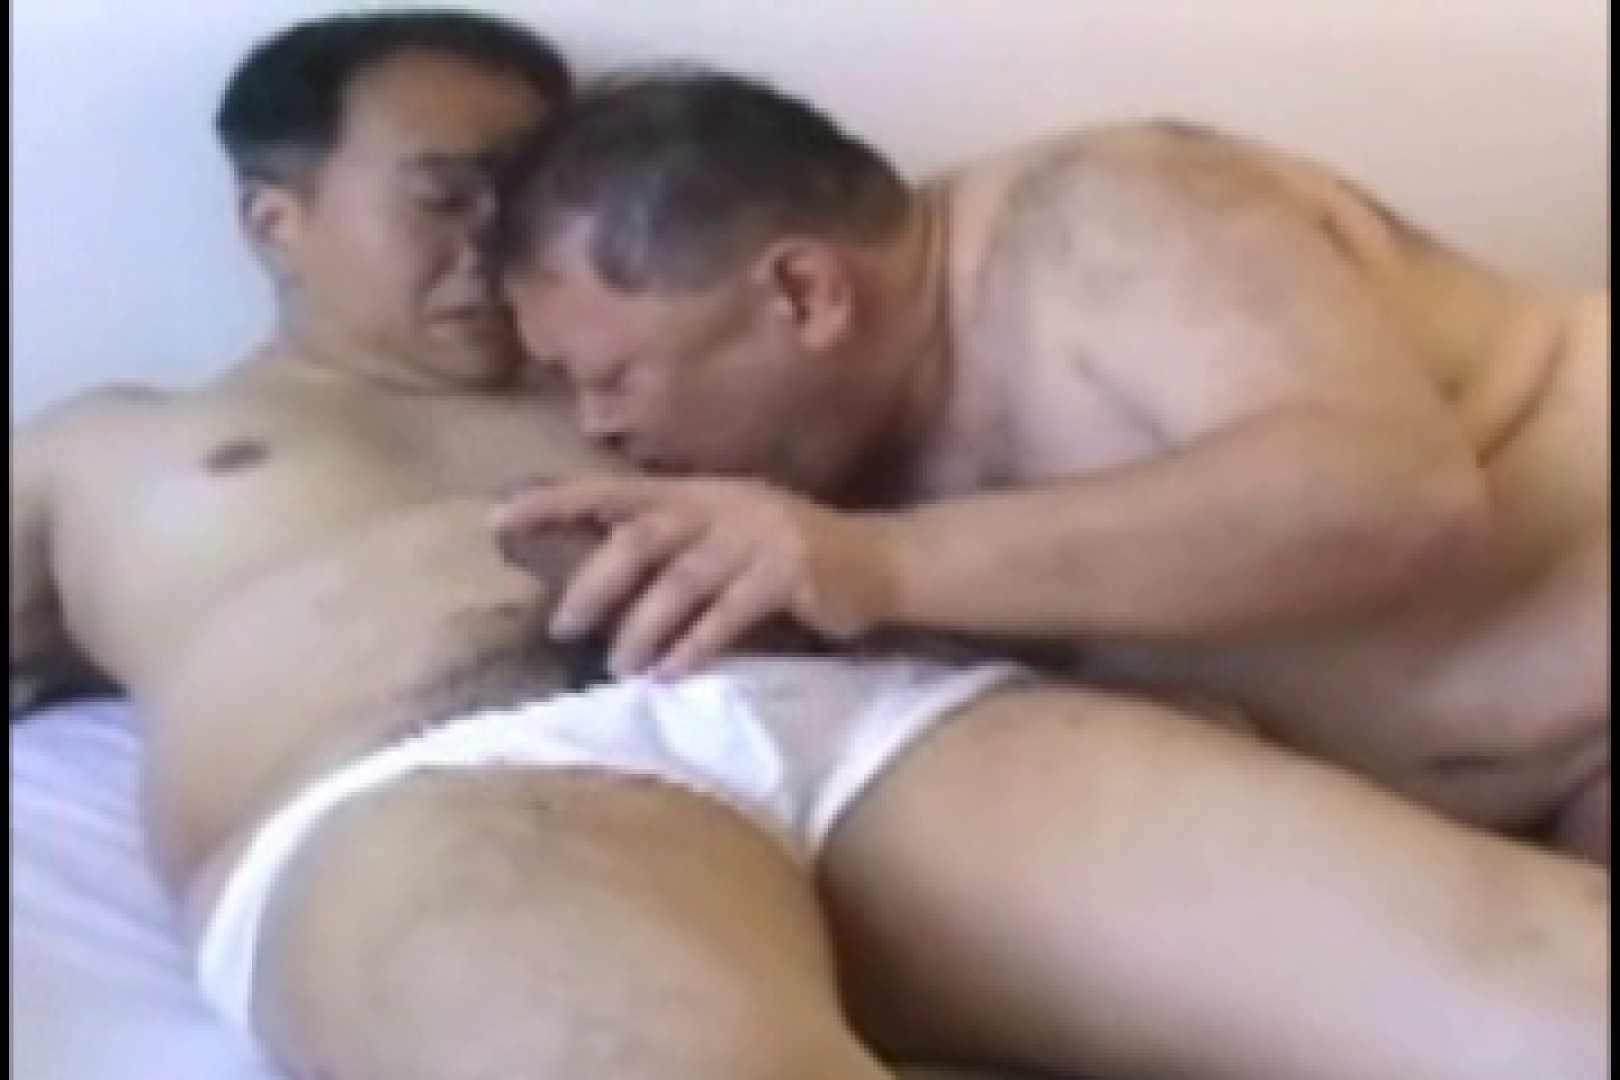 中年旦那の発情記 ゲイのオナニー映像  99枚 54